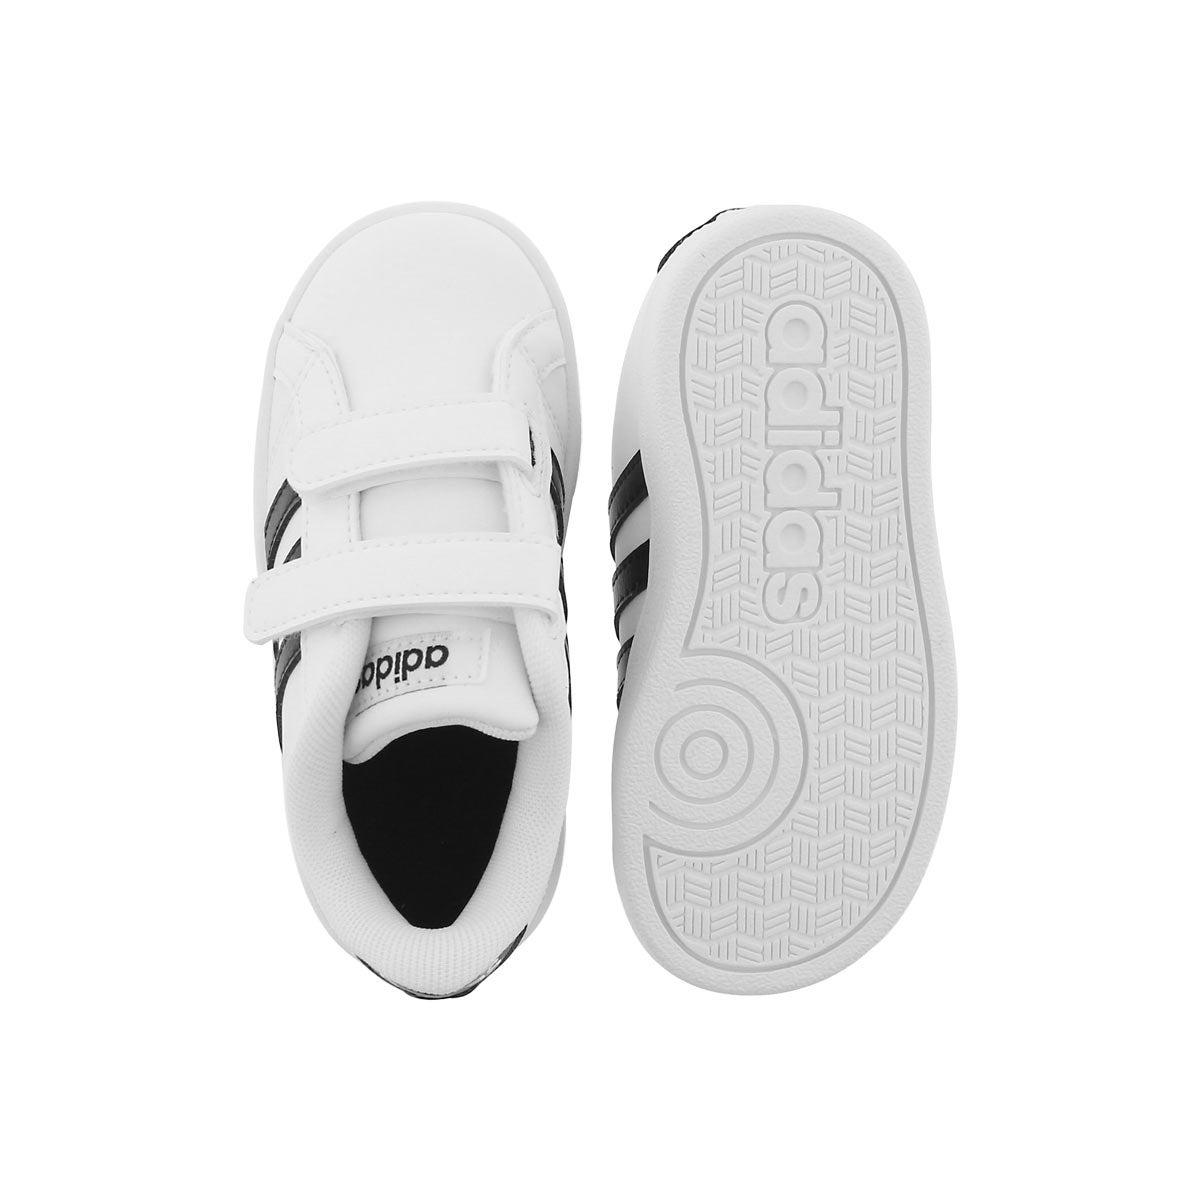 Inf Baseline CMF wht/blk sneaker